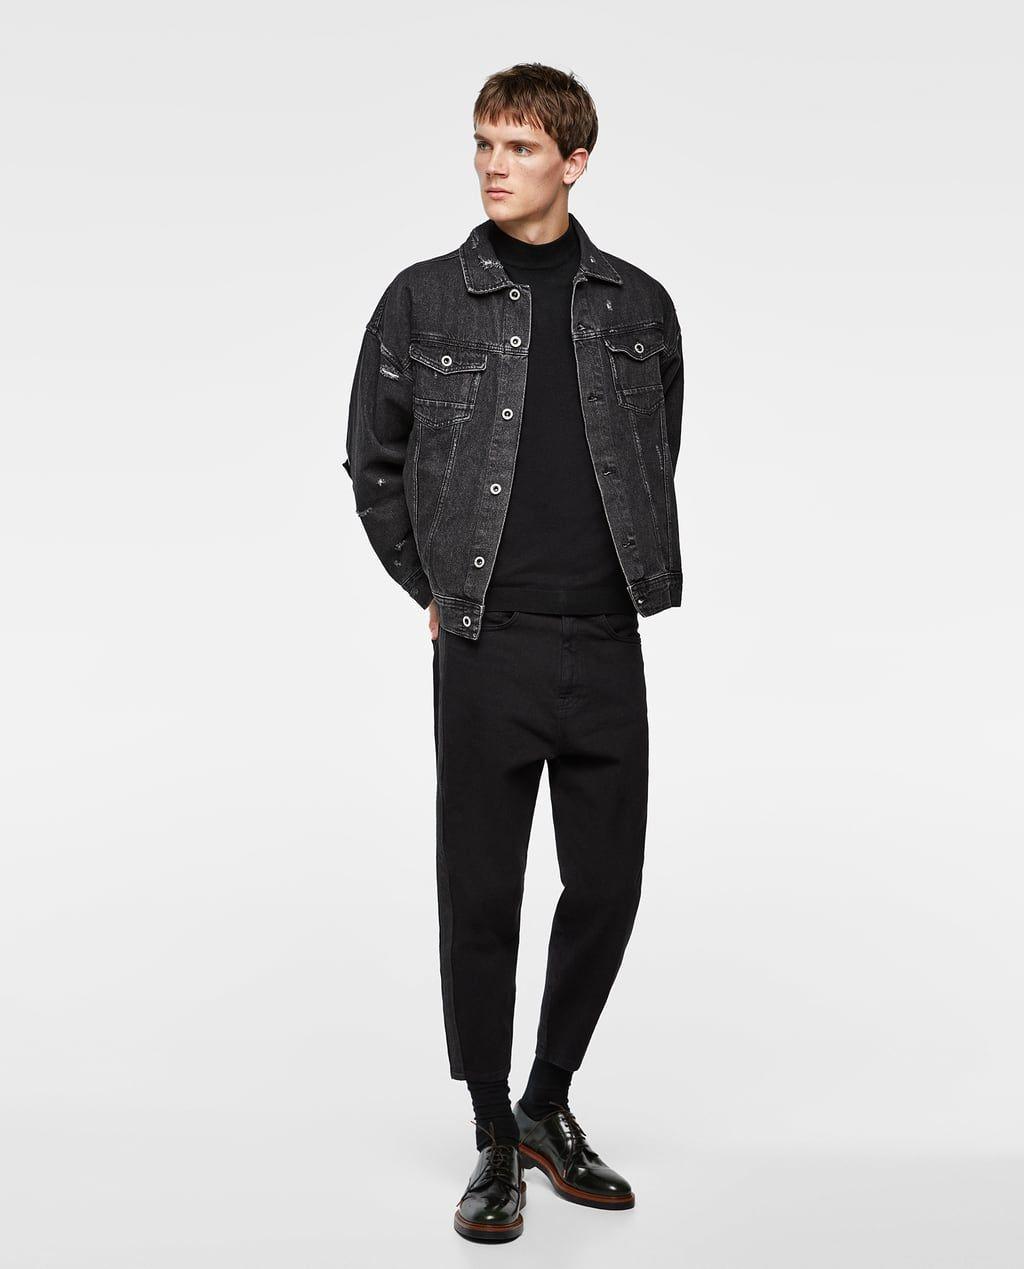 Men S Denim Jackets New Collection Online Zara Israel Black Outfit Men Denim Jacket Men Outfit Denim Jacket Men [ 1269 x 1024 Pixel ]